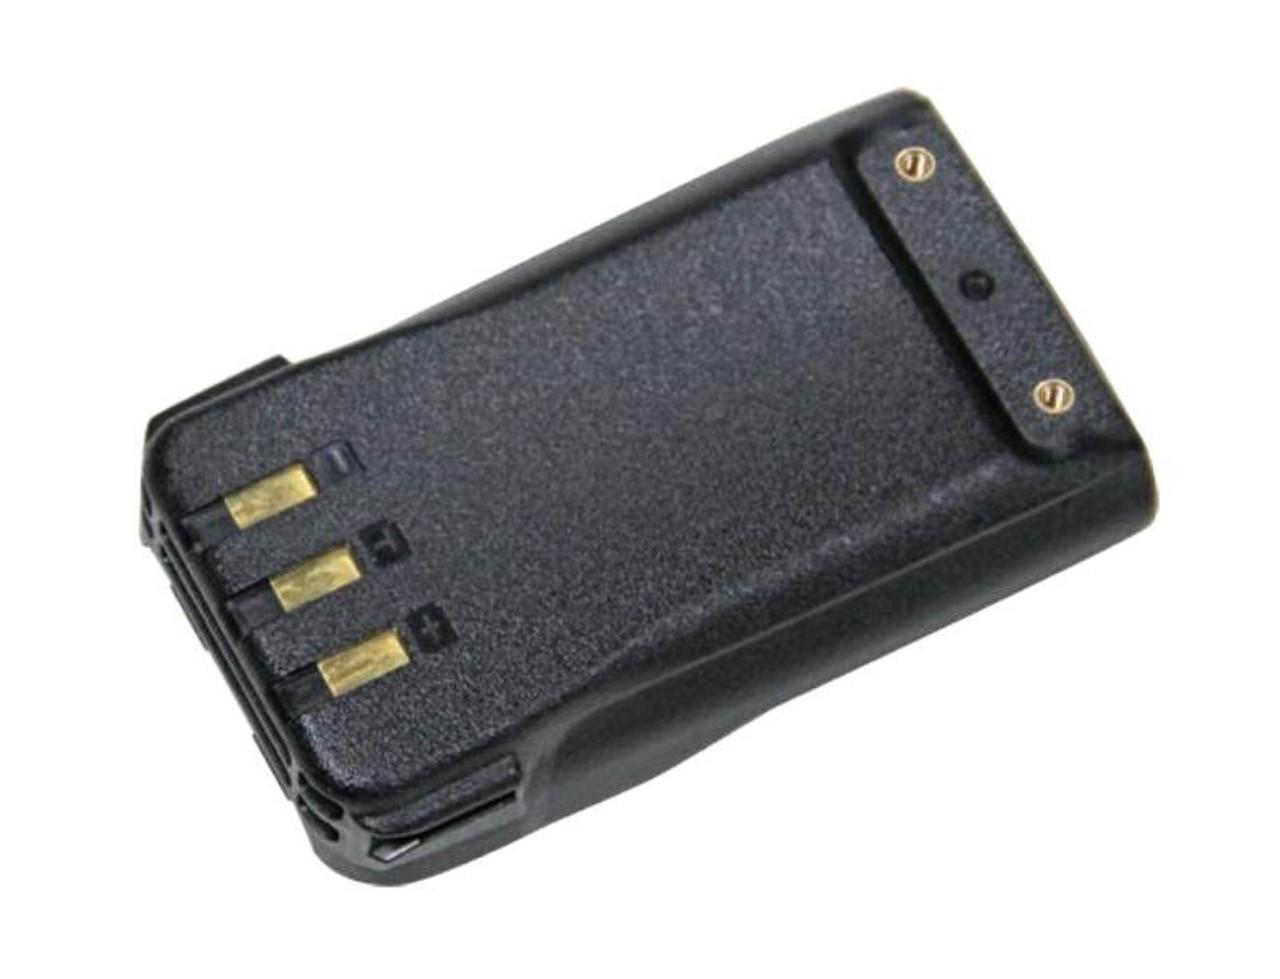 AT-D878UV and AT-D868UV 3100 mAh Battery